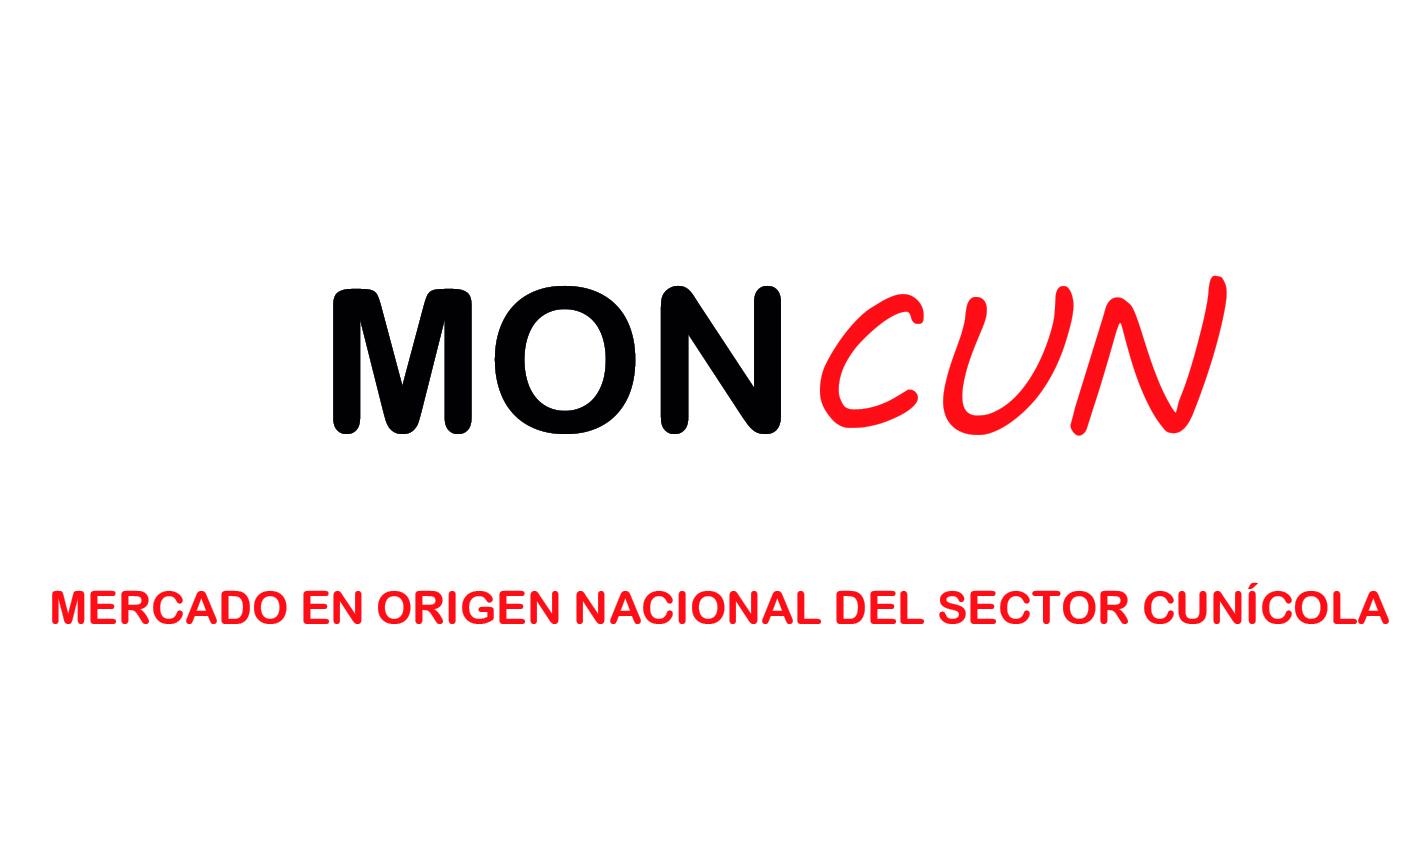 Los cunicultores catalanes reclaman un apoyo explícito a la Lonja MonCun